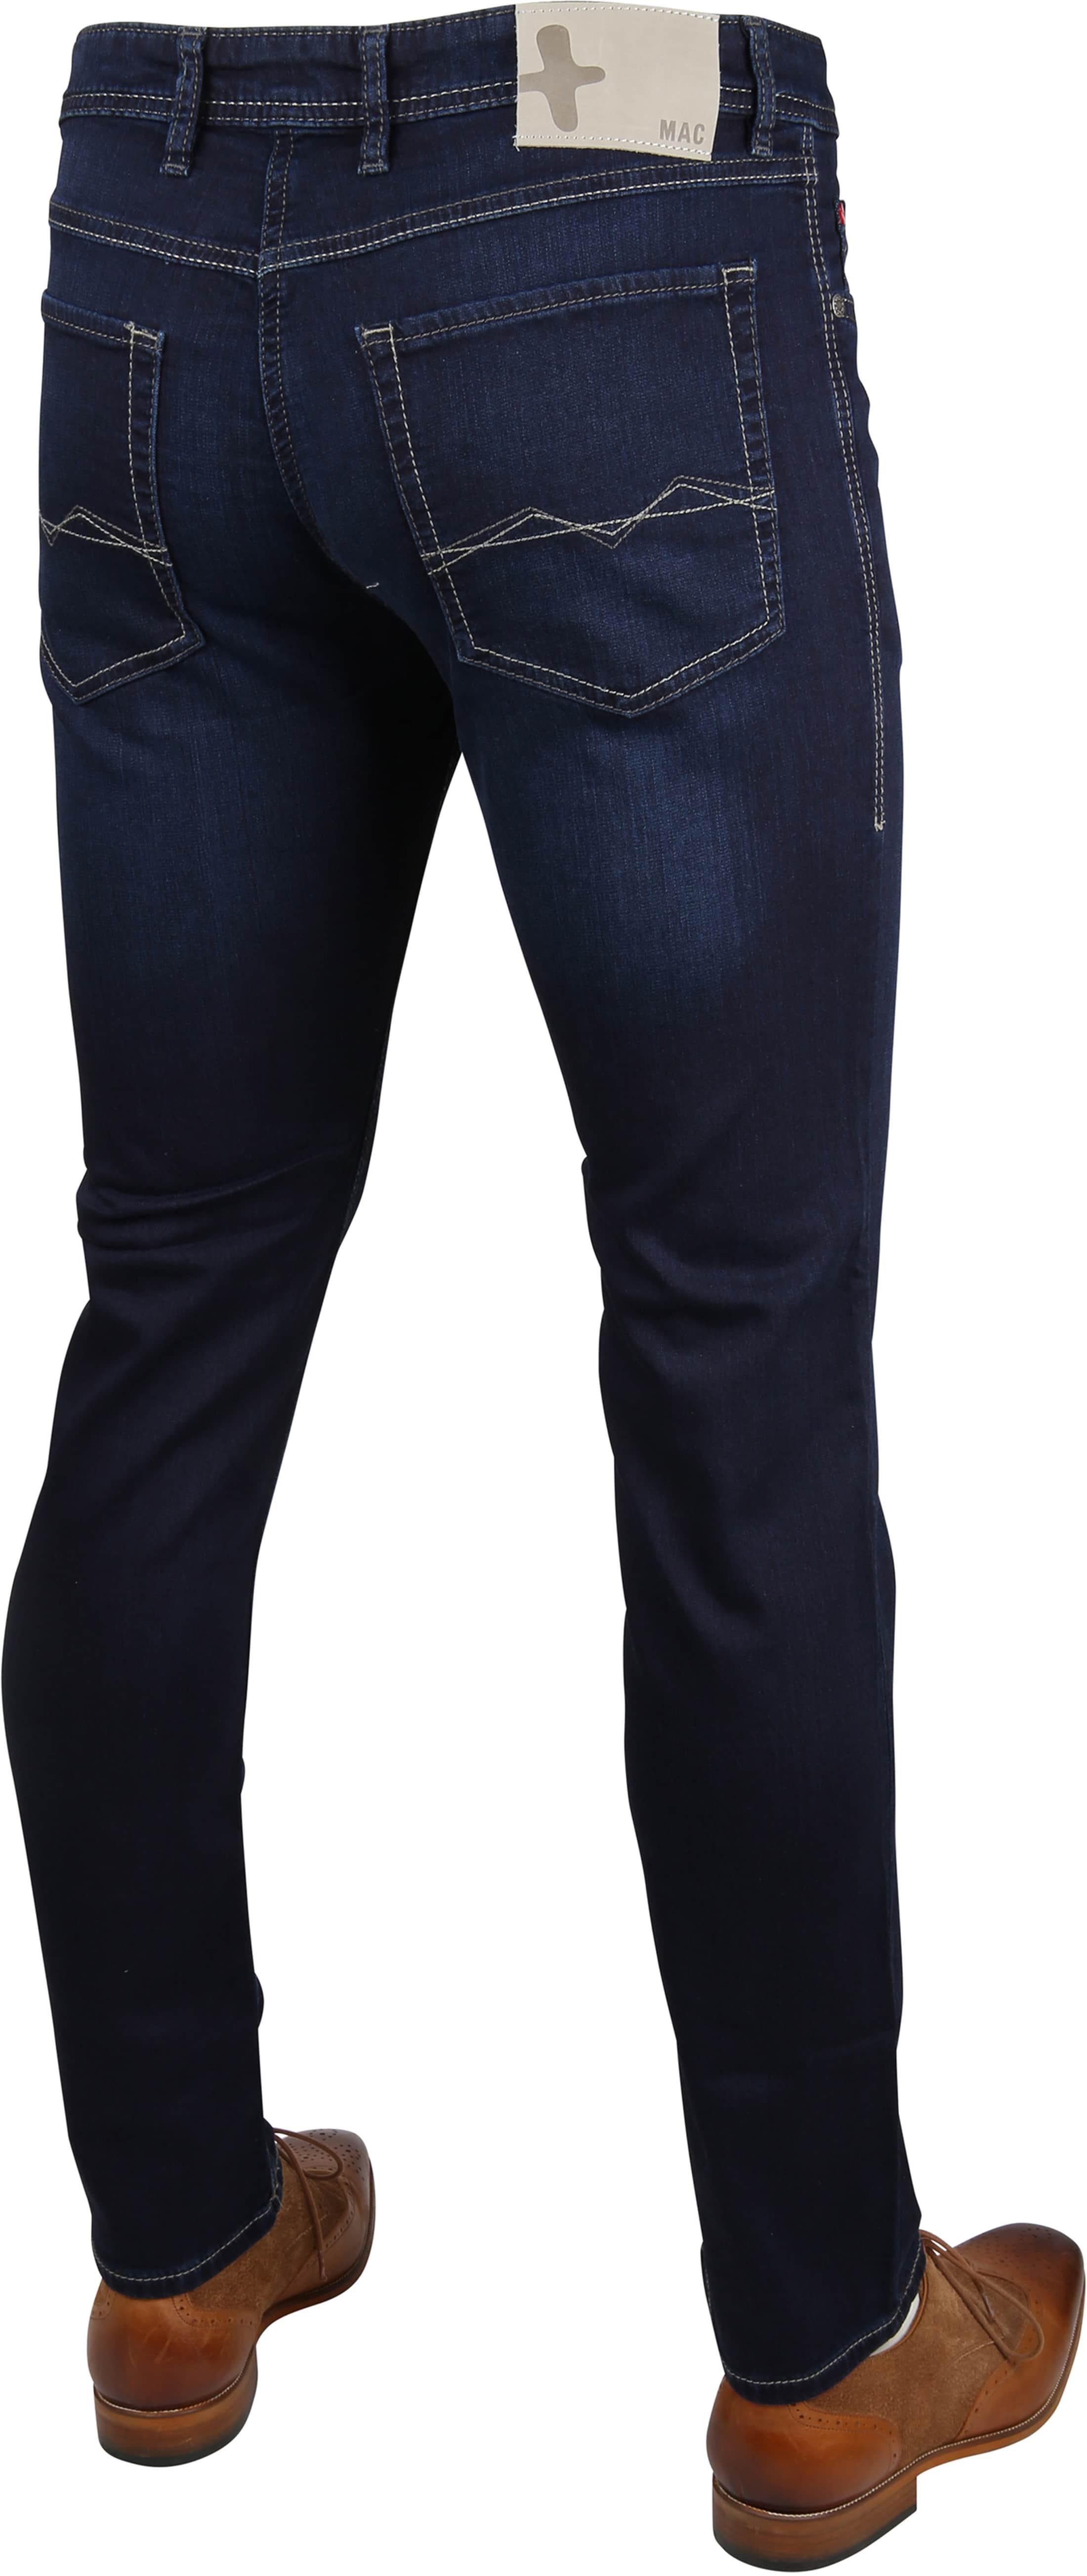 Mac Jog 'n Jeans Navy foto 2